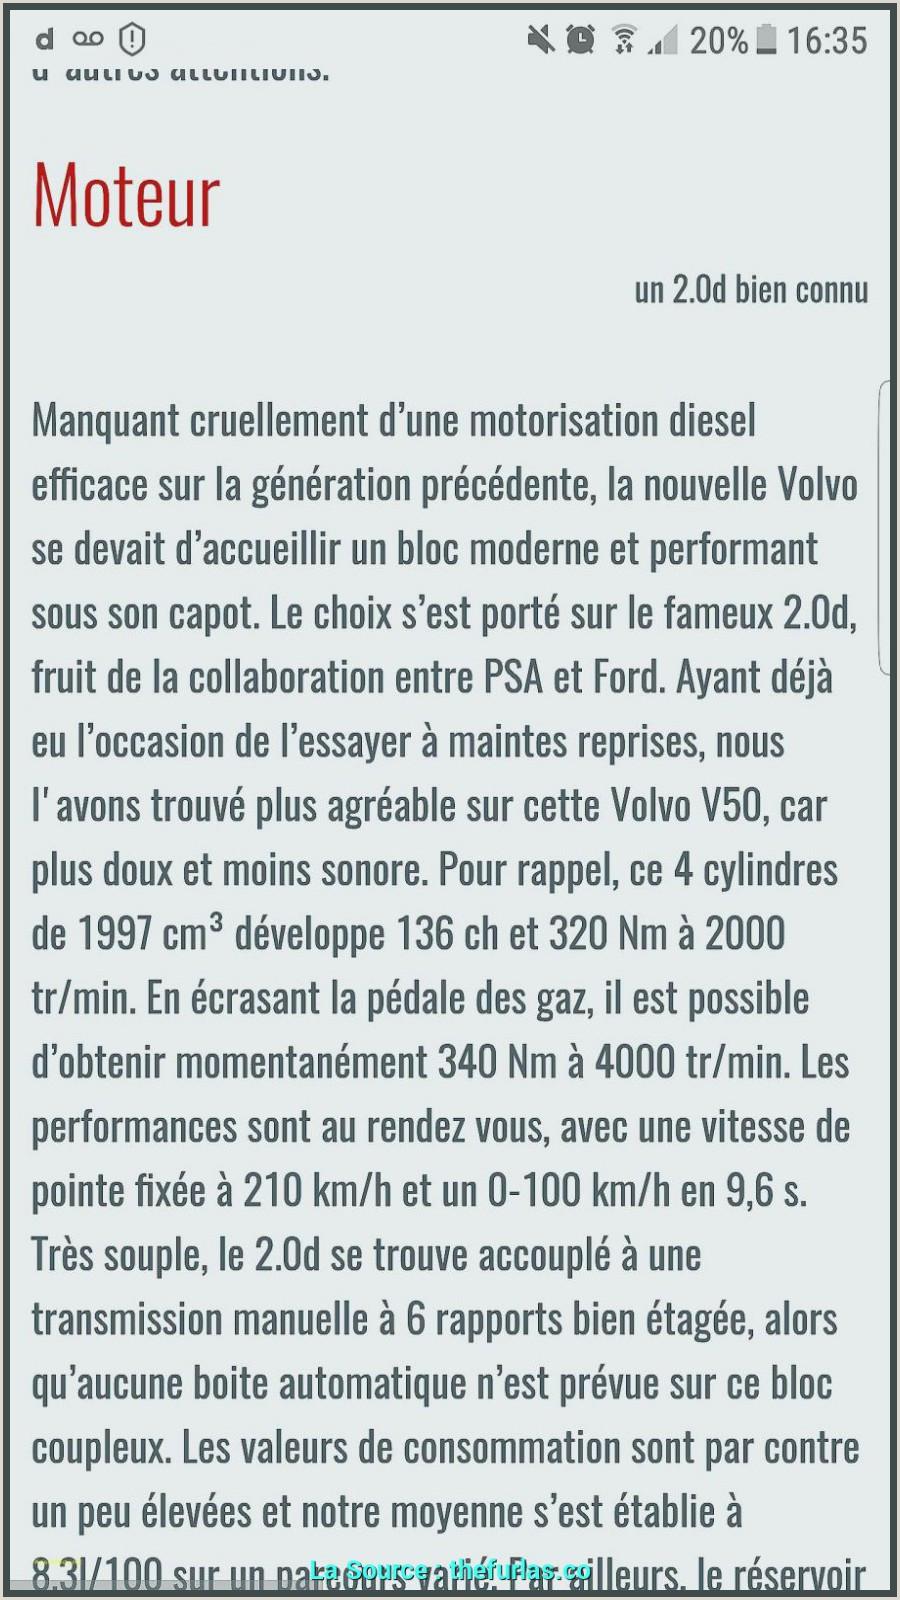 Exemple De Cv Hotellerie Gratuit Haut Lettre De Motivation Pour En Alternance Hotellerie